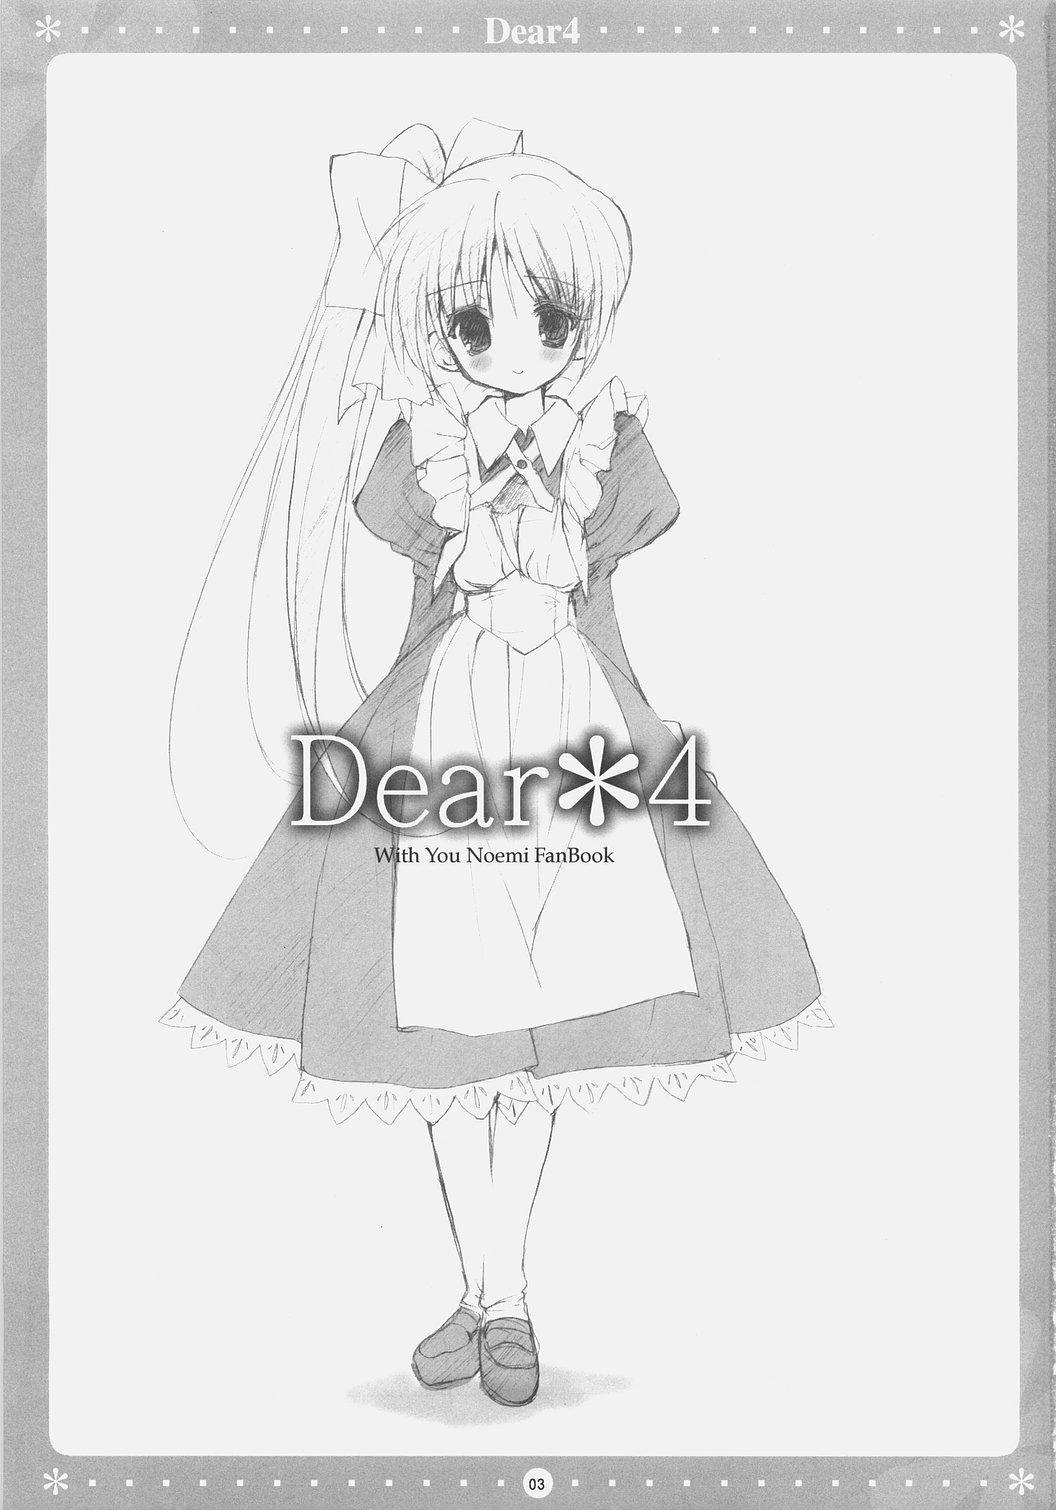 Dear*4 2